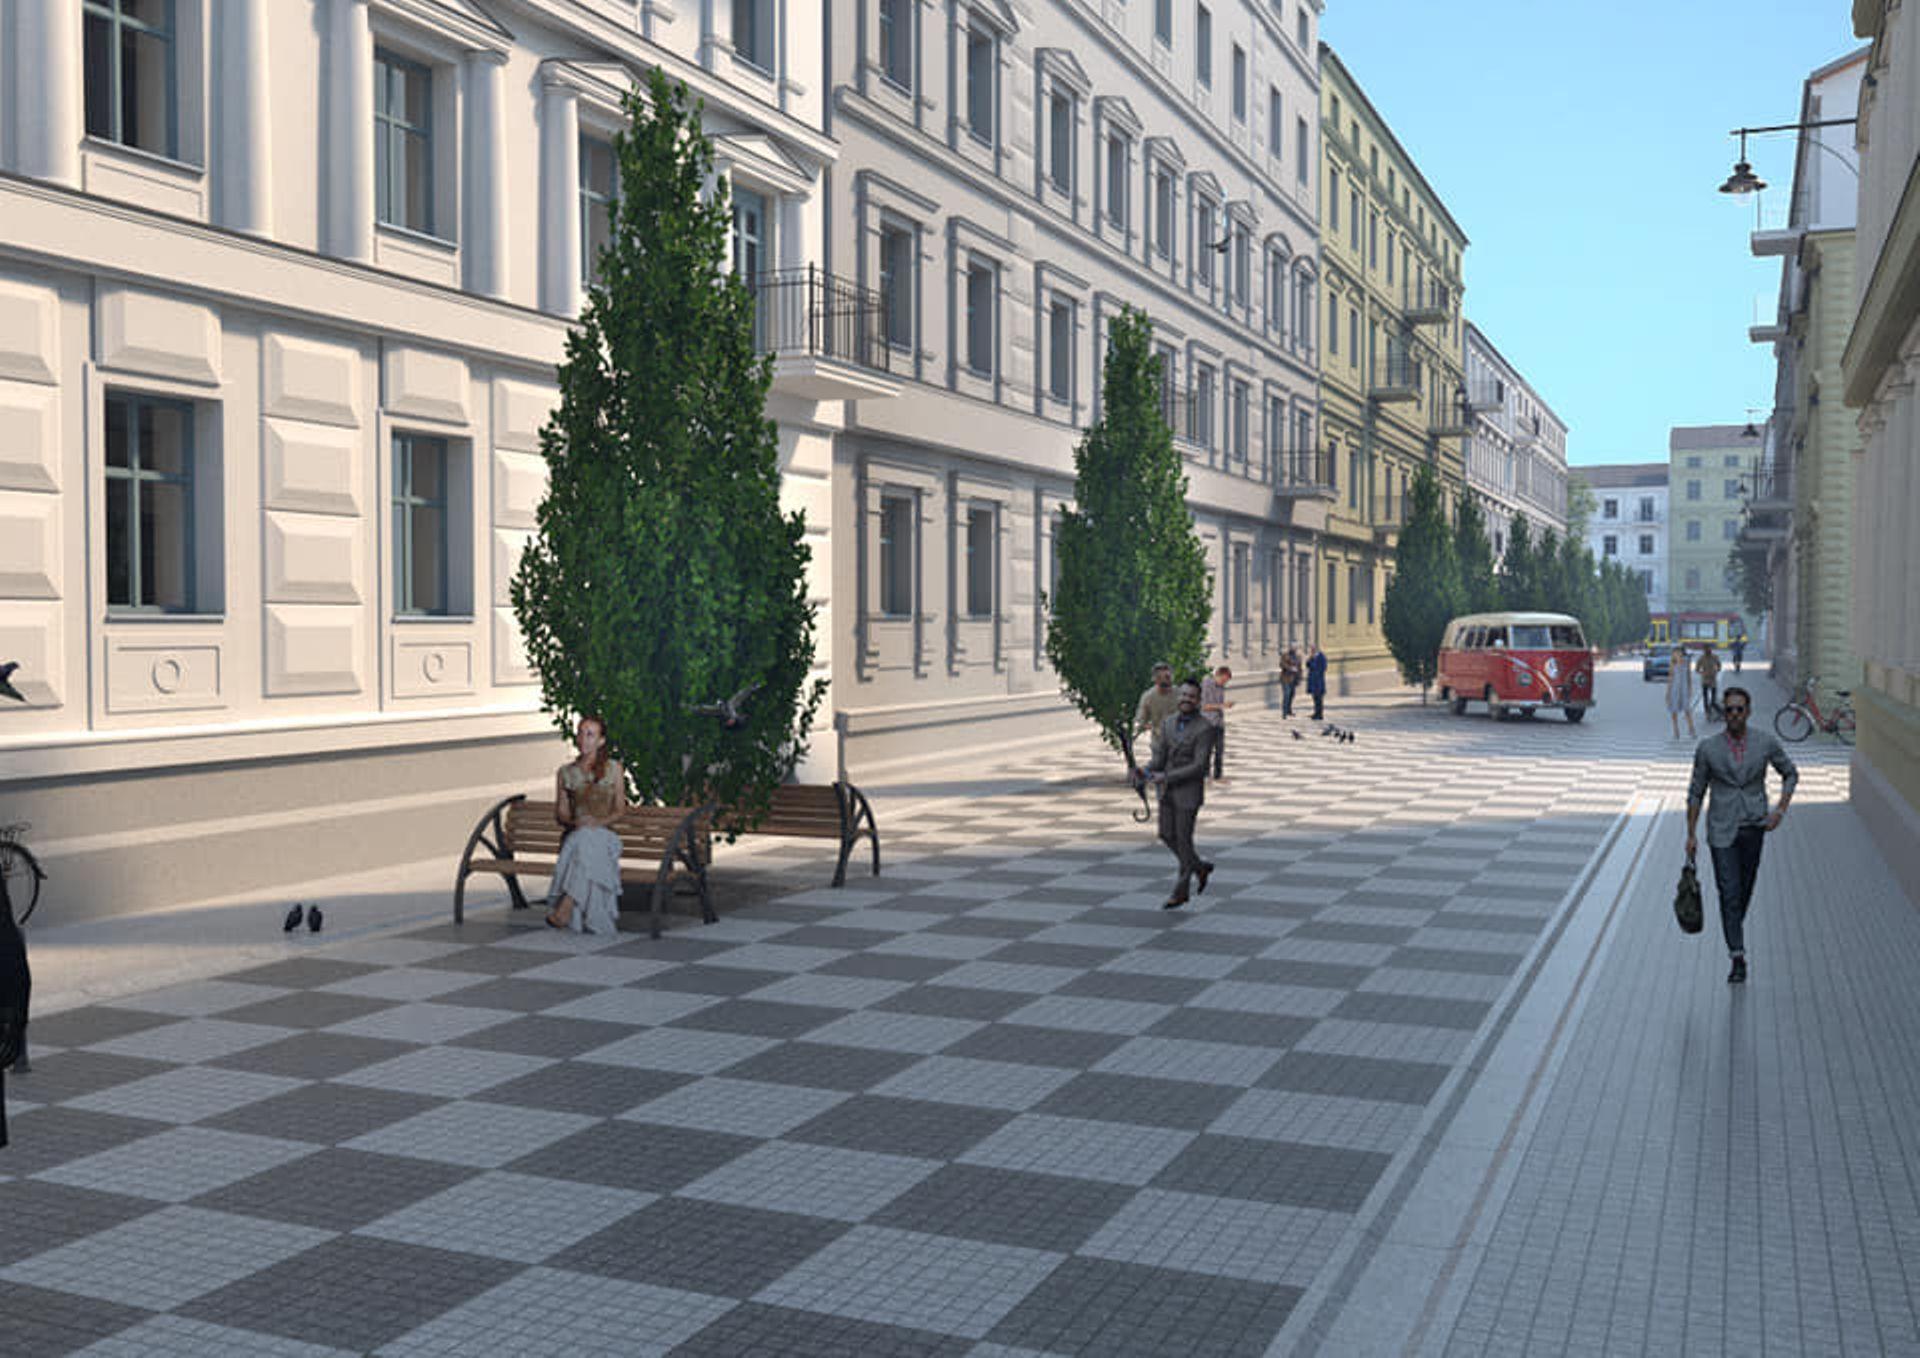 Łódź: Ulica Włókiennicza przechodzi gruntowny remont [FILM + WIZUALIZACJE]